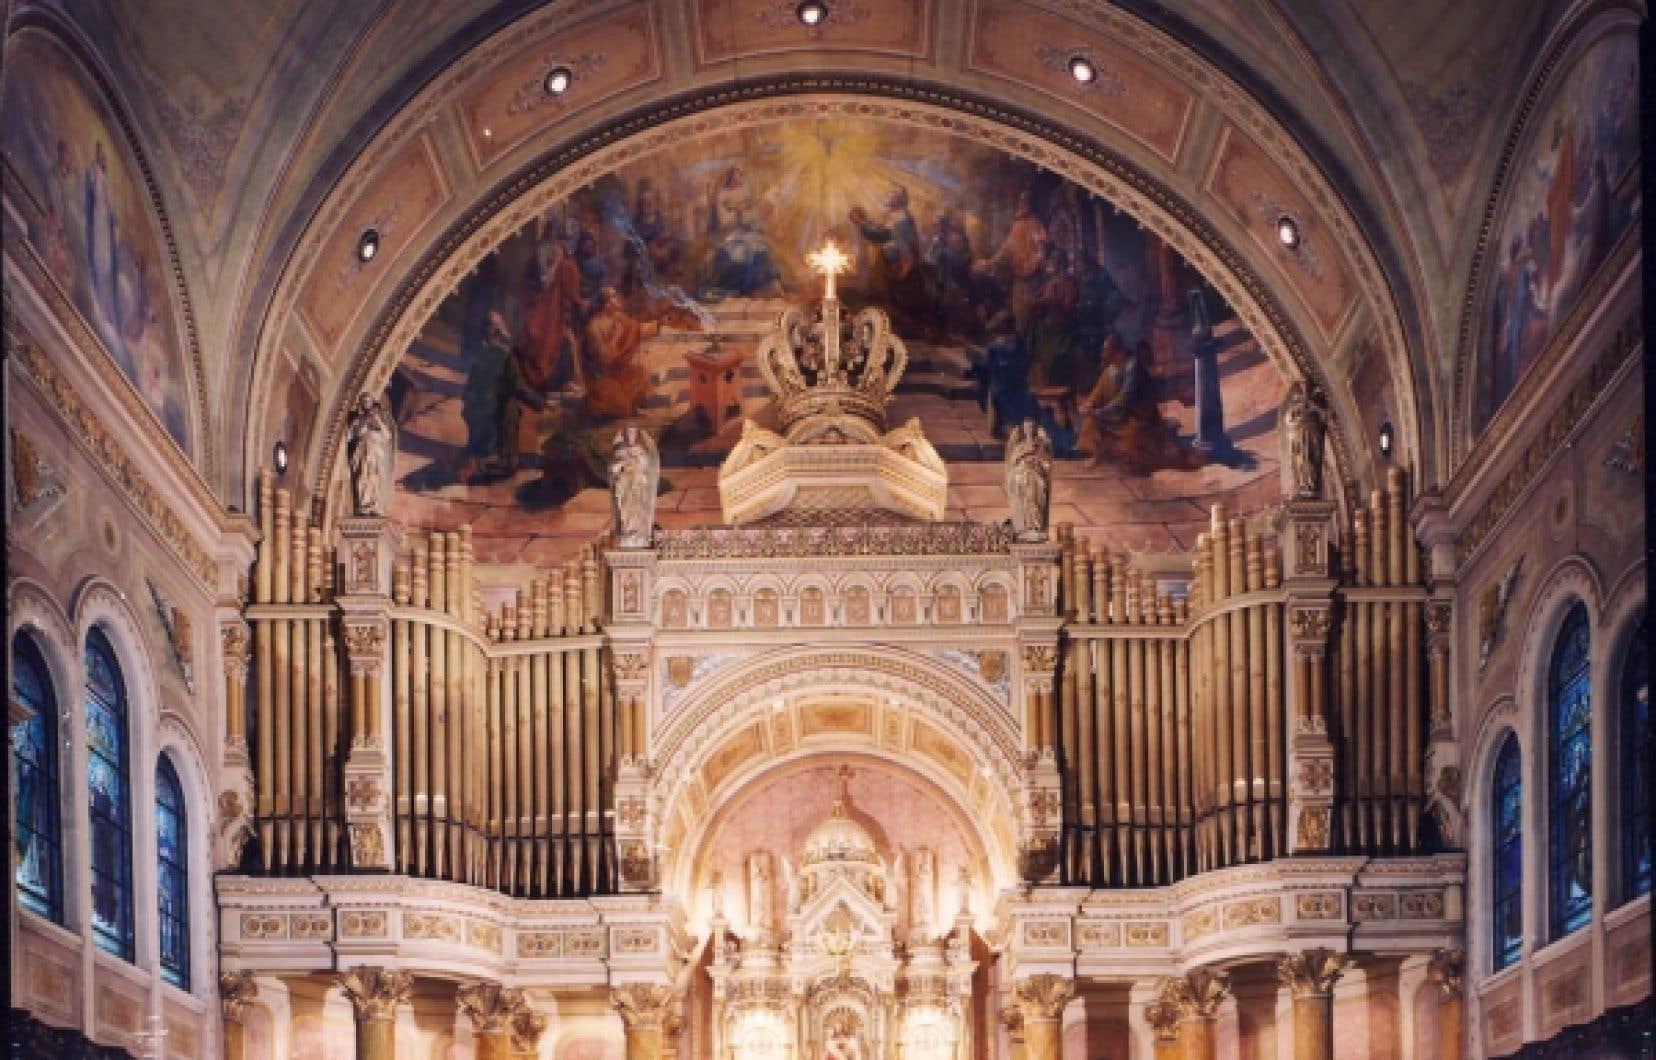 Ce sont nos ancêtres qui ont sué sang et eau pour construire et décorer cette merveille. Ils étaient 5000 paroissiens.